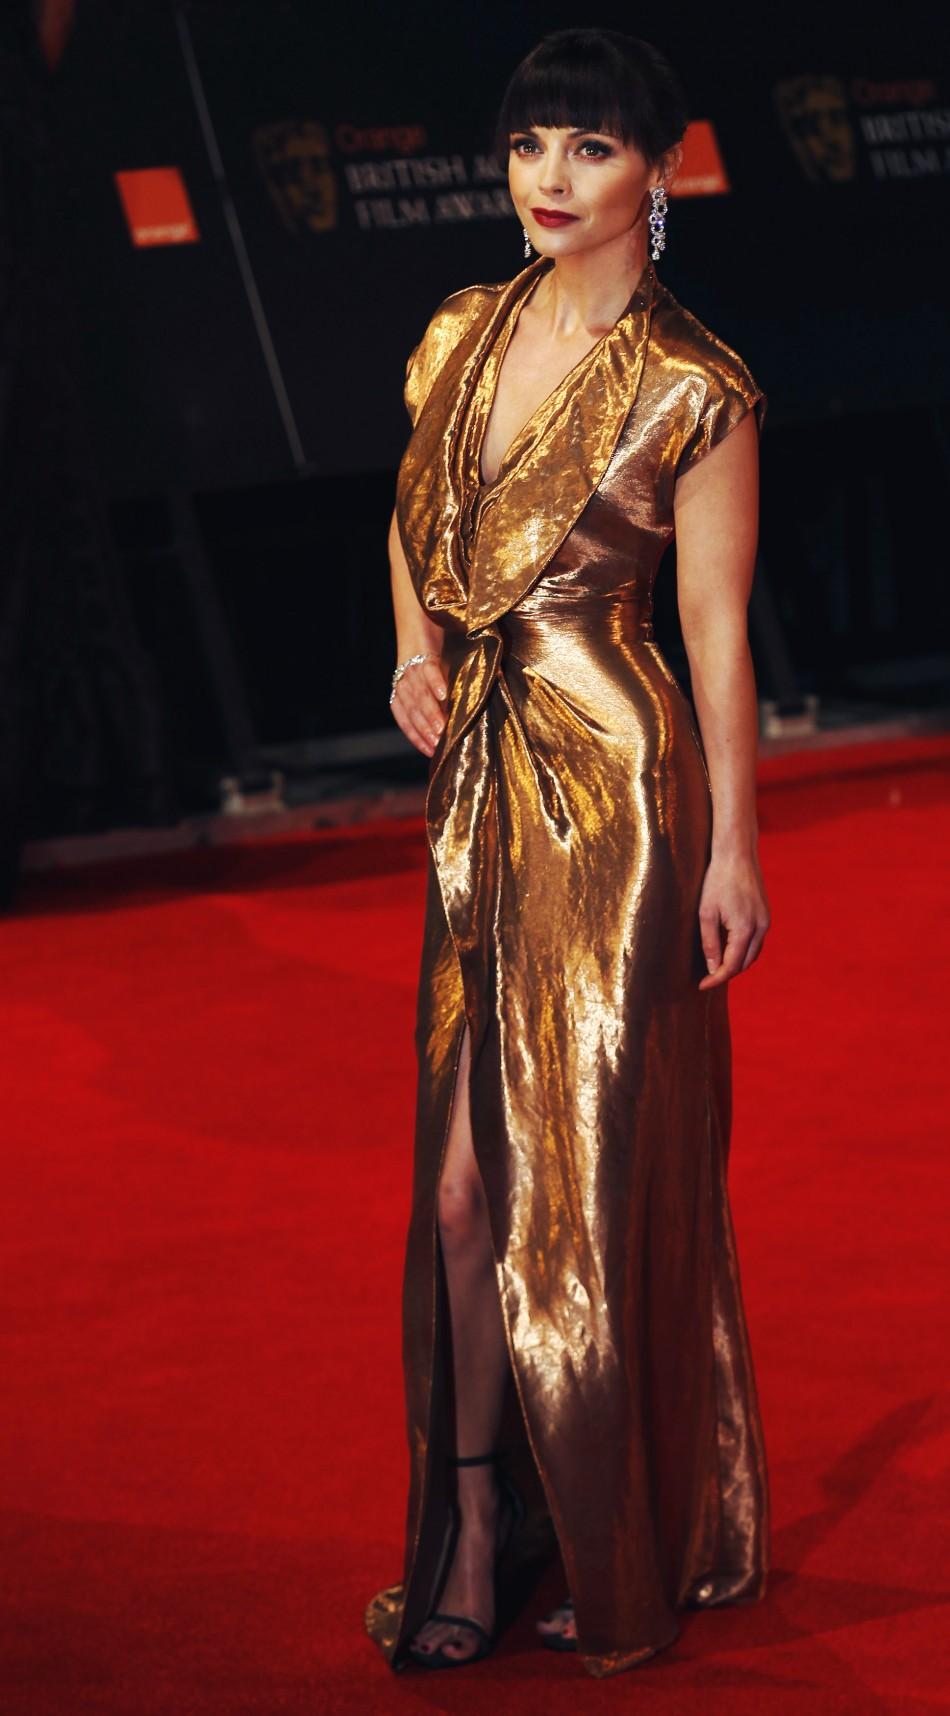 Actress Christina Ricci